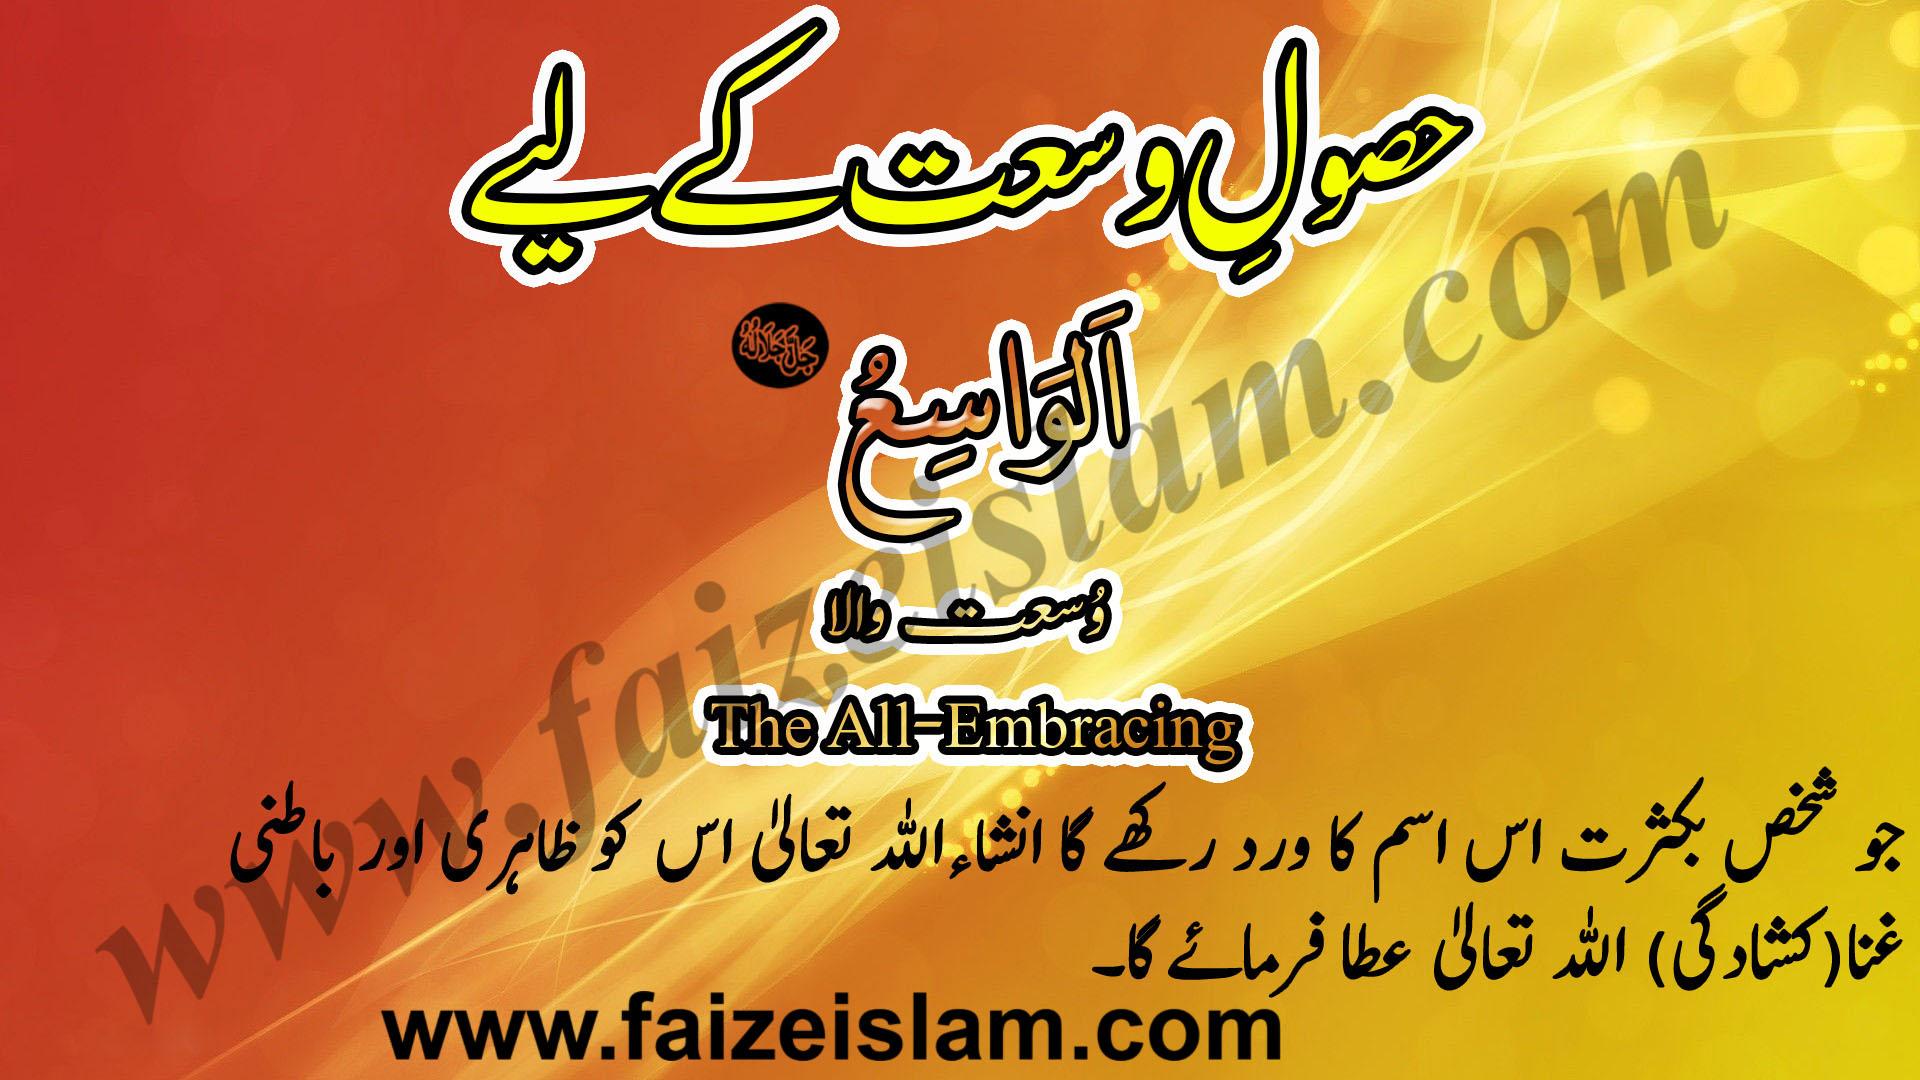 Husool e Wus'at Kay Husool e Wus'at Kay Liye Wazifa In UrduLiye Wazifa In Urdu